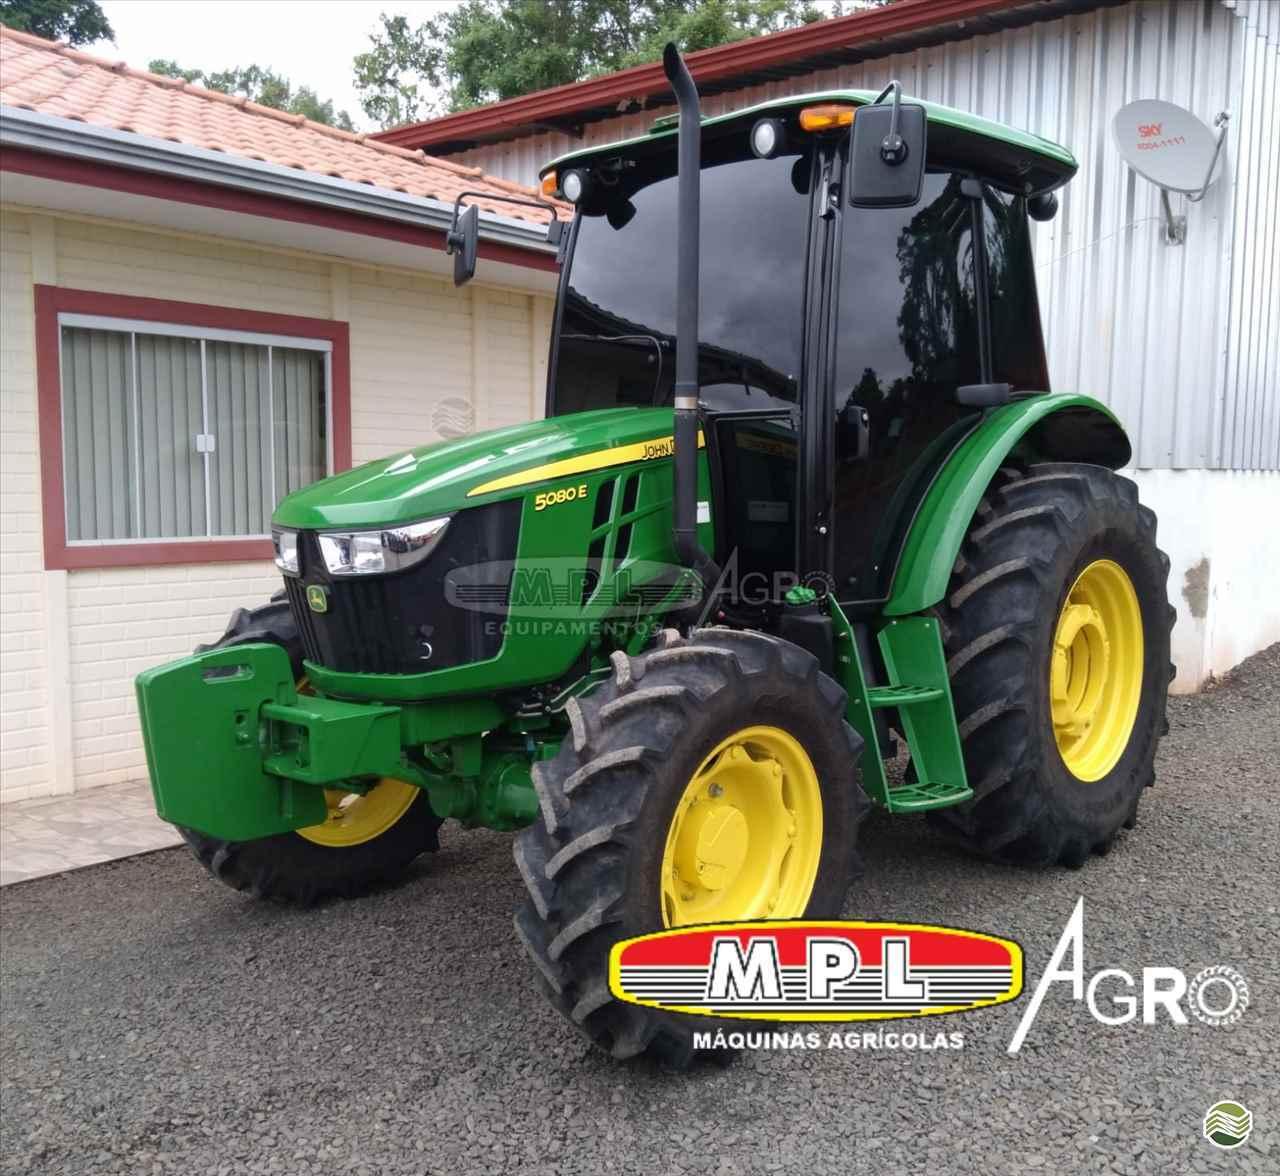 TRATOR JOHN DEERE JOHN DEERE 5080 Tração 4x4 MPL Agro - Máquinas Agrícolas IRATI PARANÁ PR